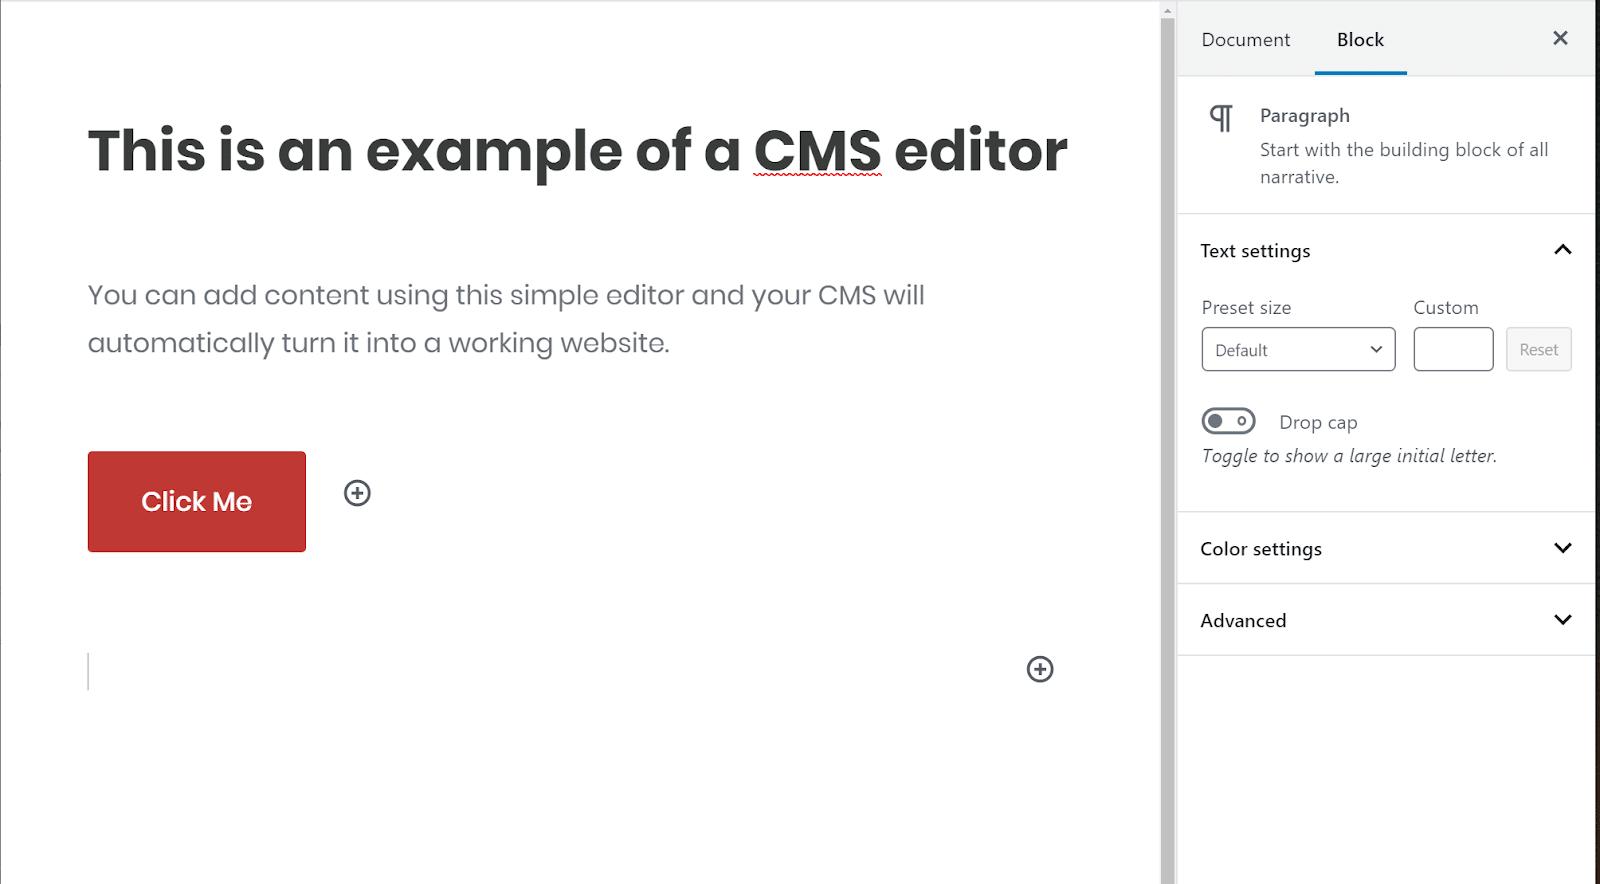 CMSエディタの一例